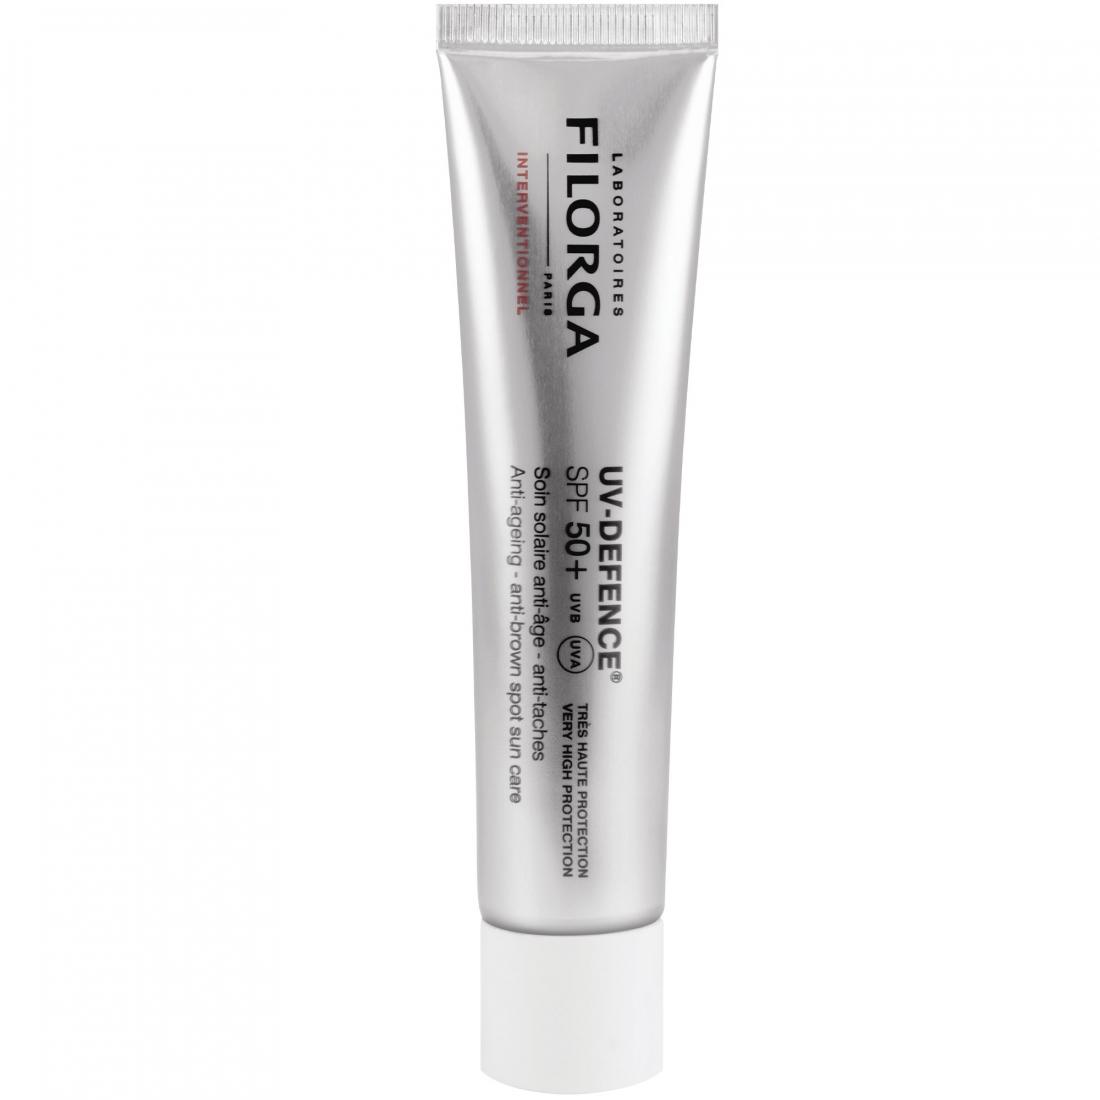 Filorga UV-Defence Spf 50 Anti-aging Anti-Brown Spot Sun Care Cream